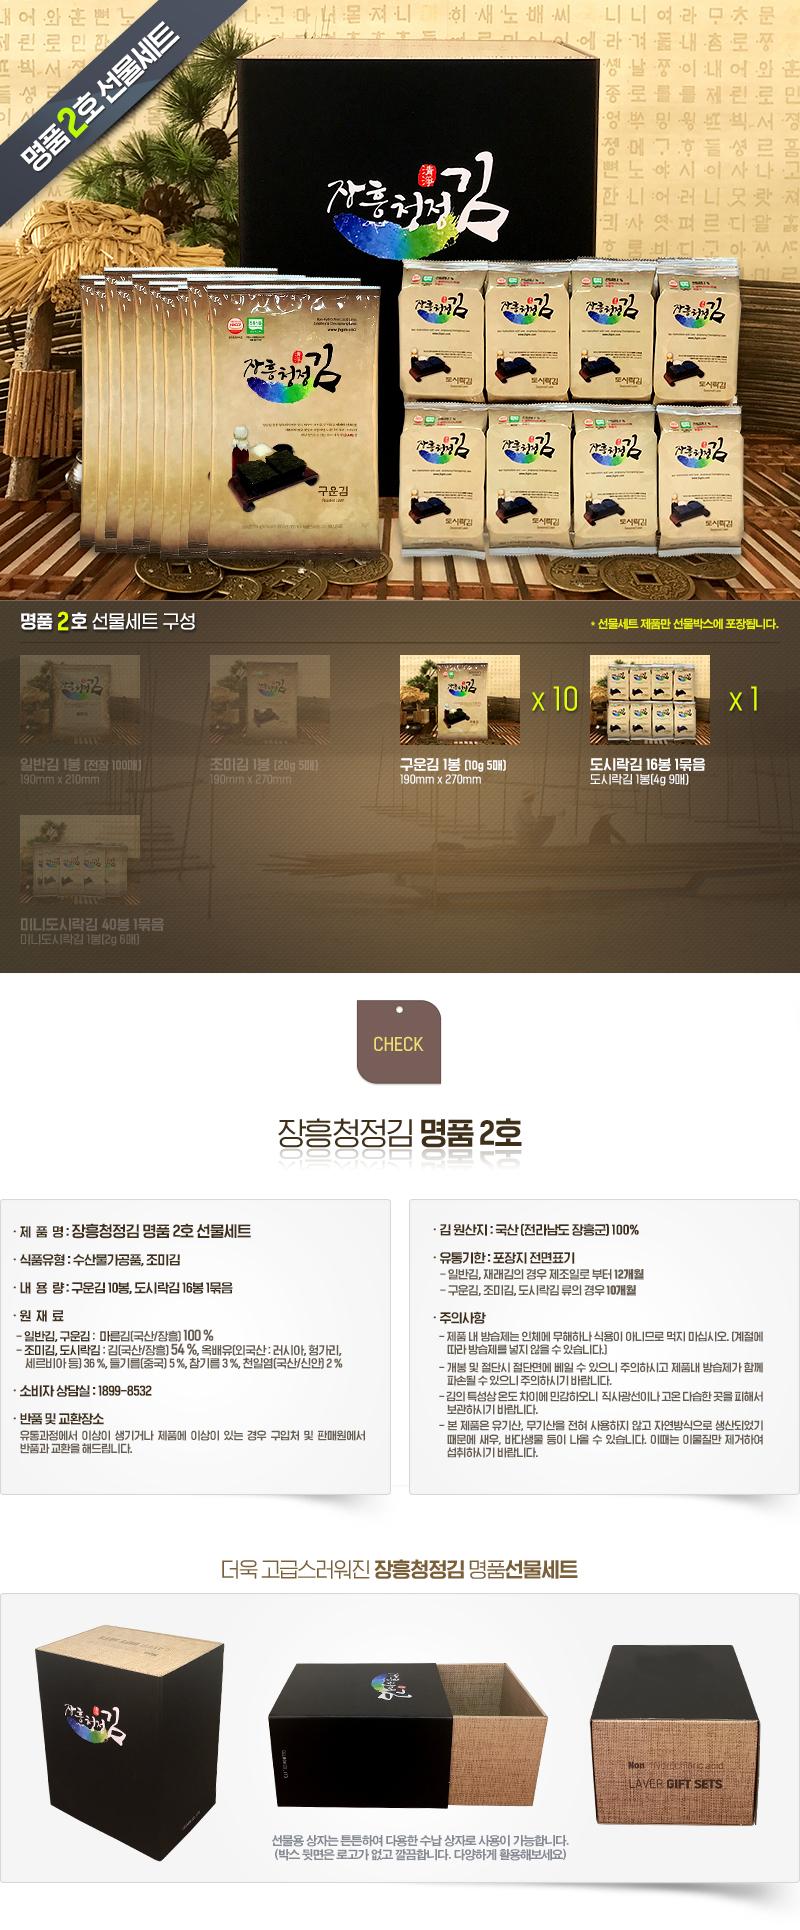 무산김 장흥청정김 명품 선물세트 모음전